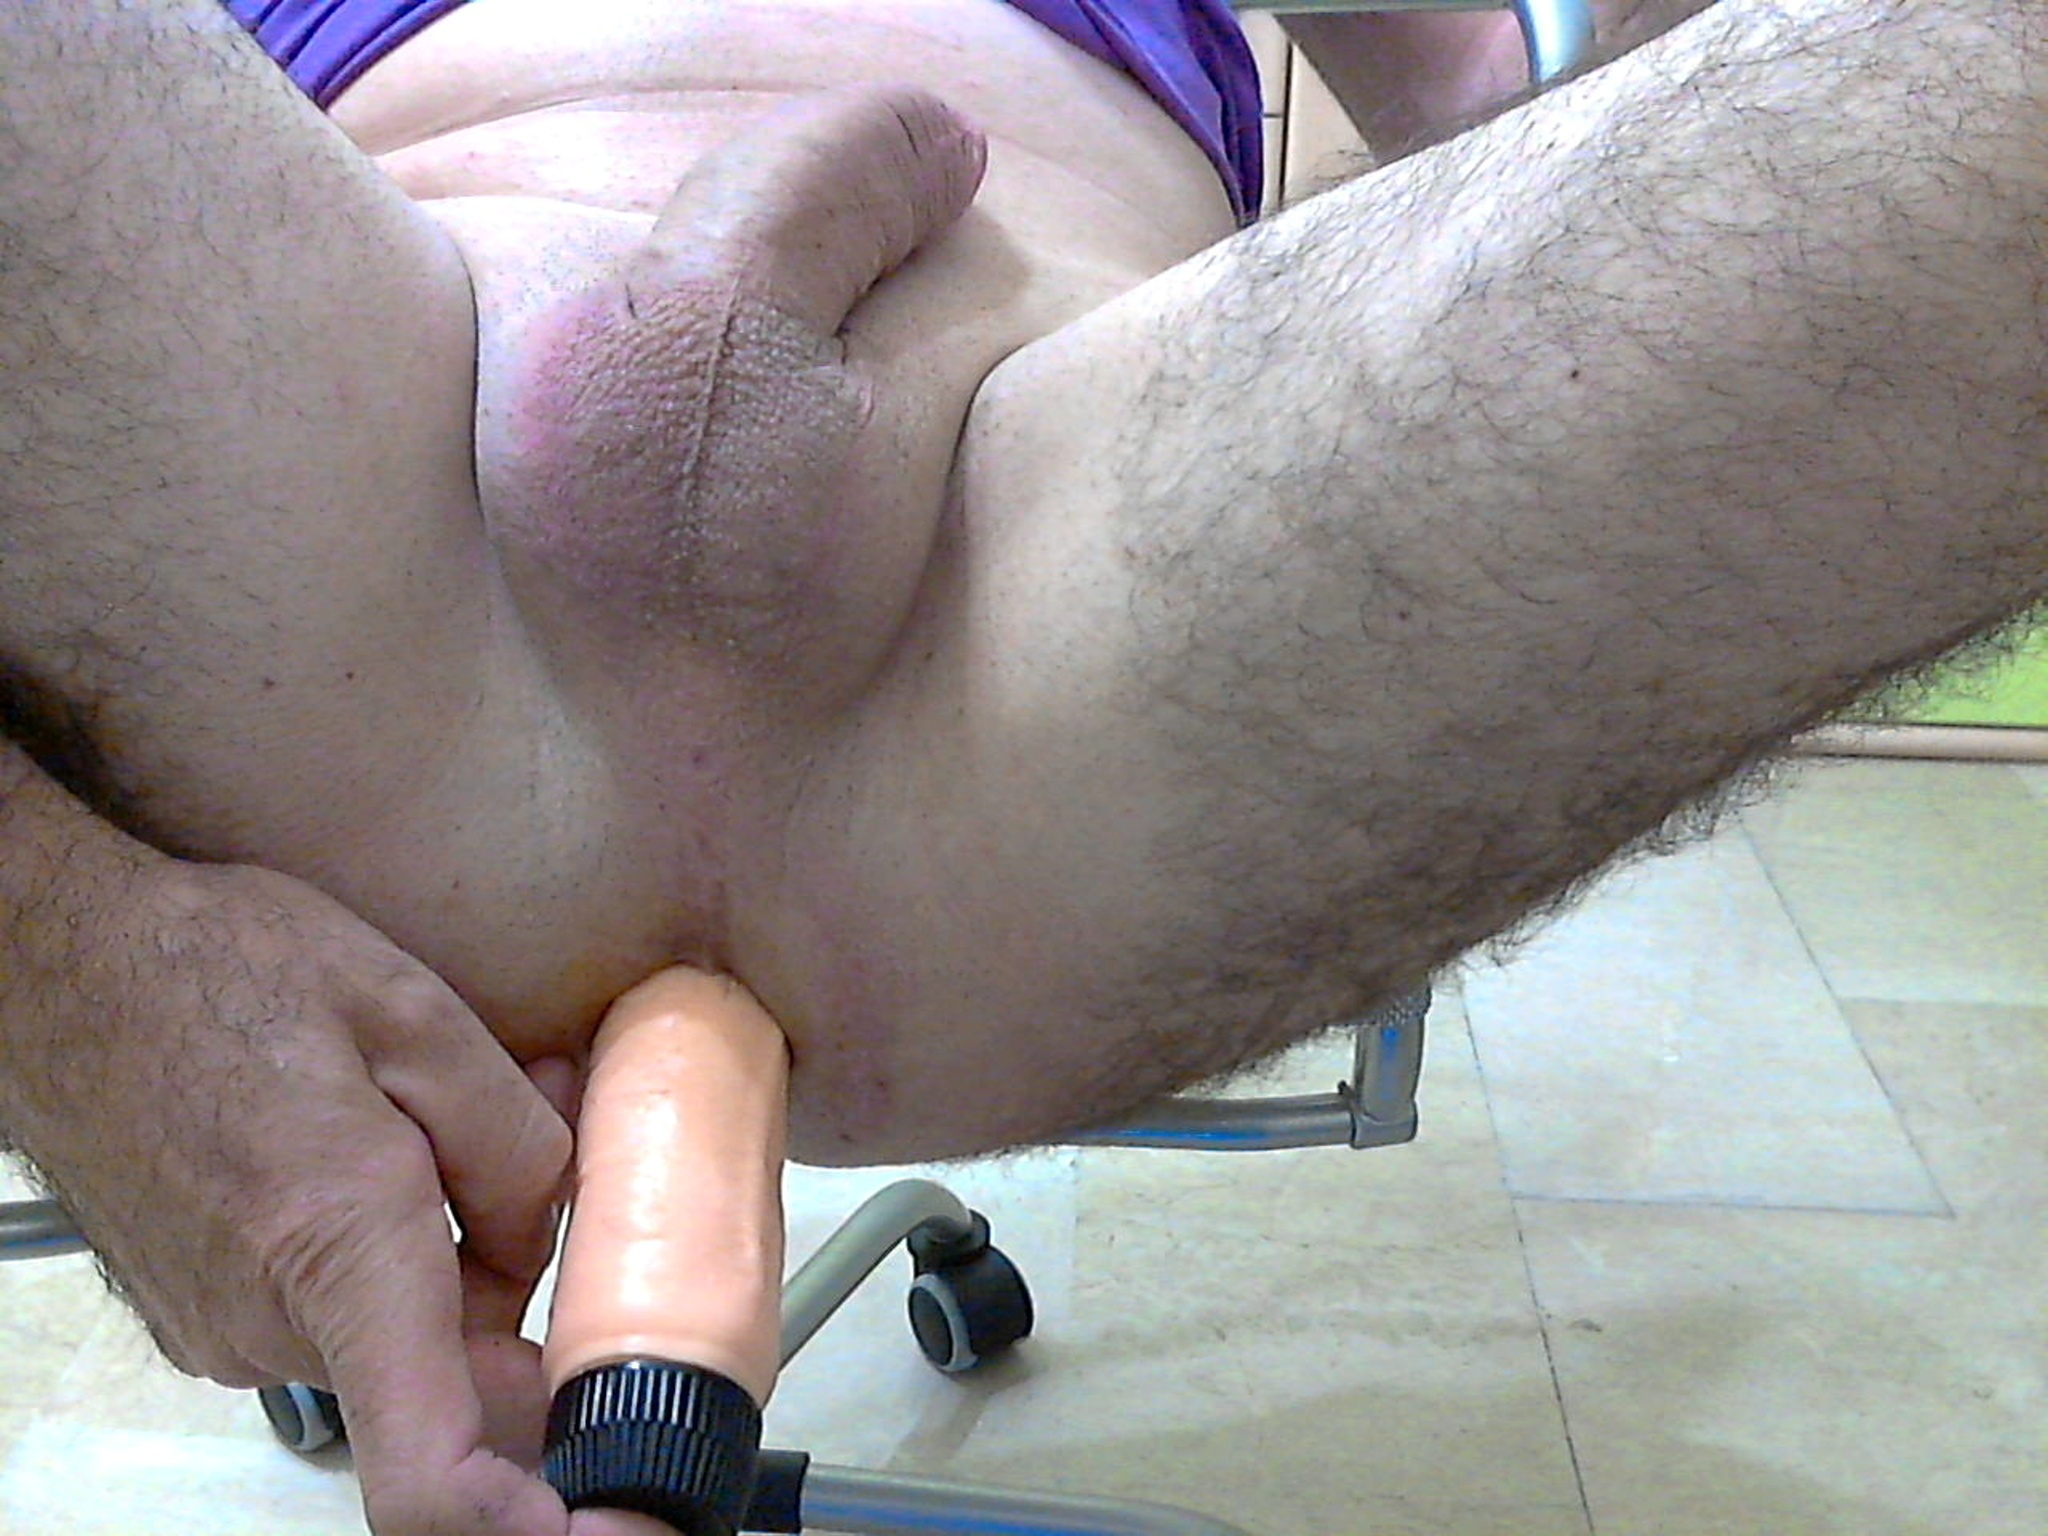 uomini maturi porno gratis film porno vergini